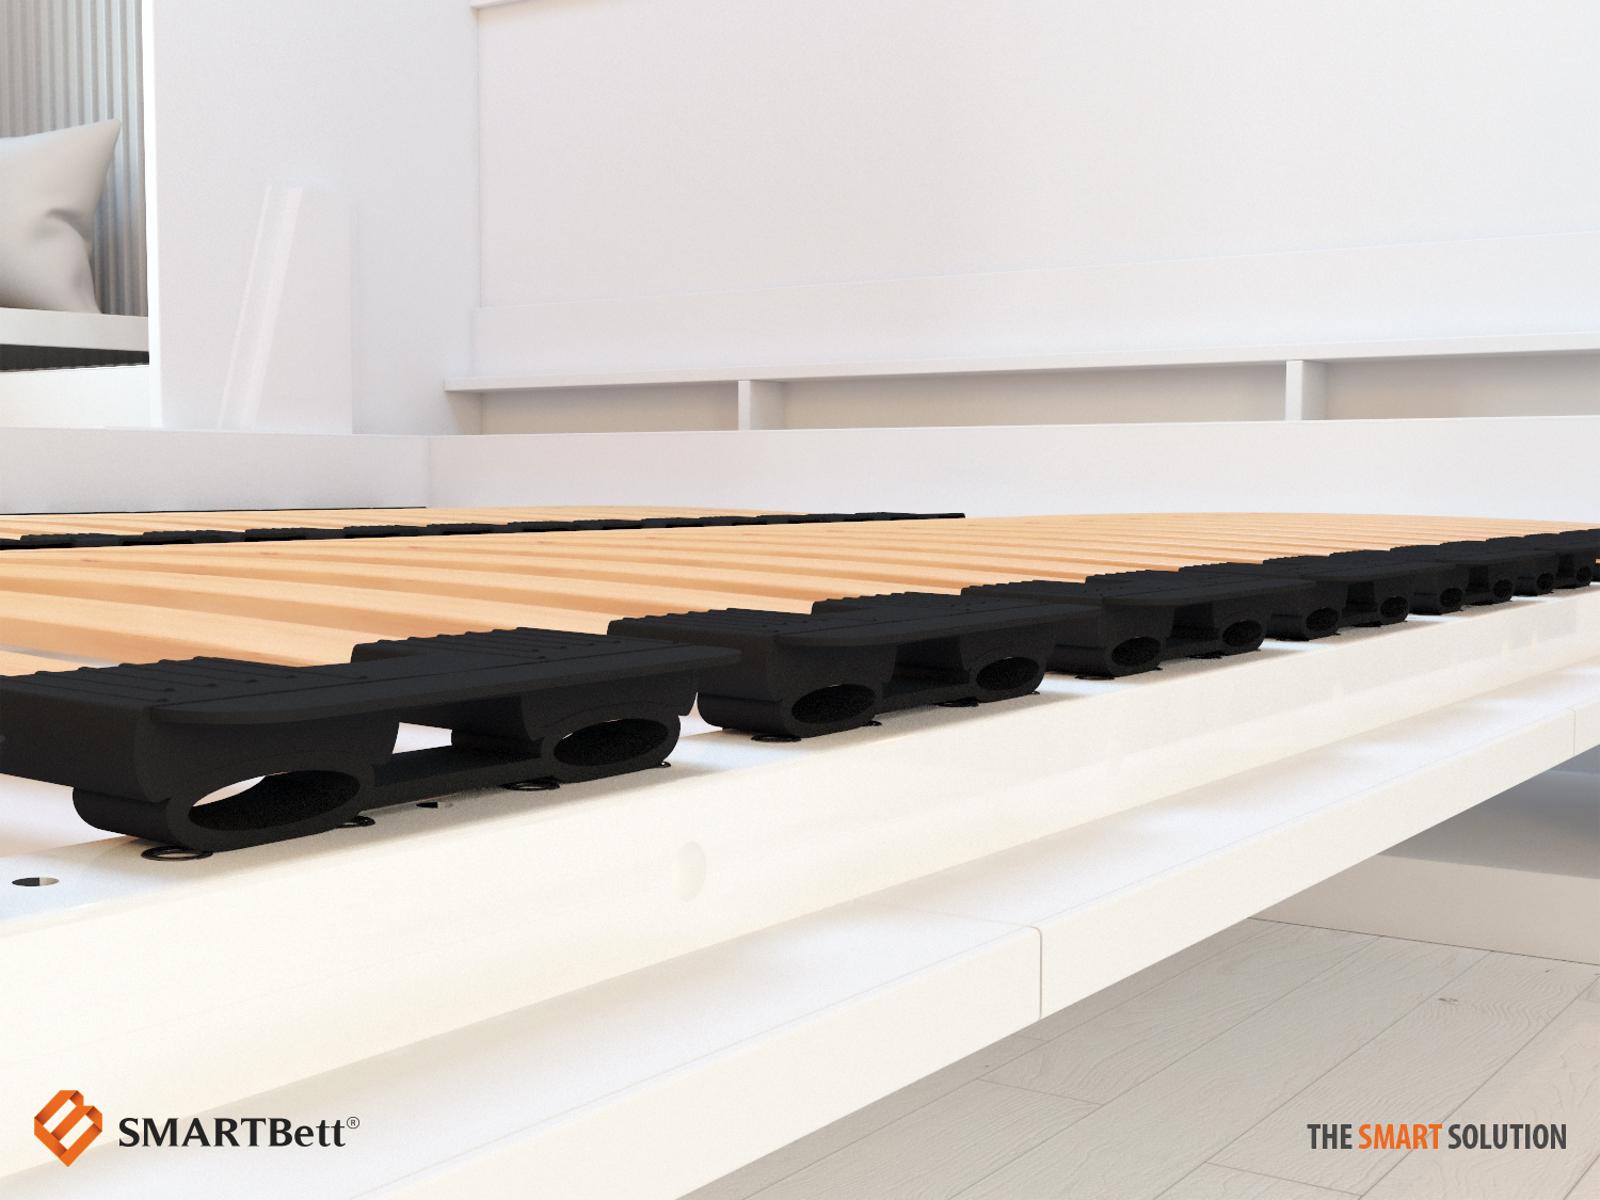 komfort erh lt einen neuen namen das schrankbett 160cm mit komfort. Black Bedroom Furniture Sets. Home Design Ideas